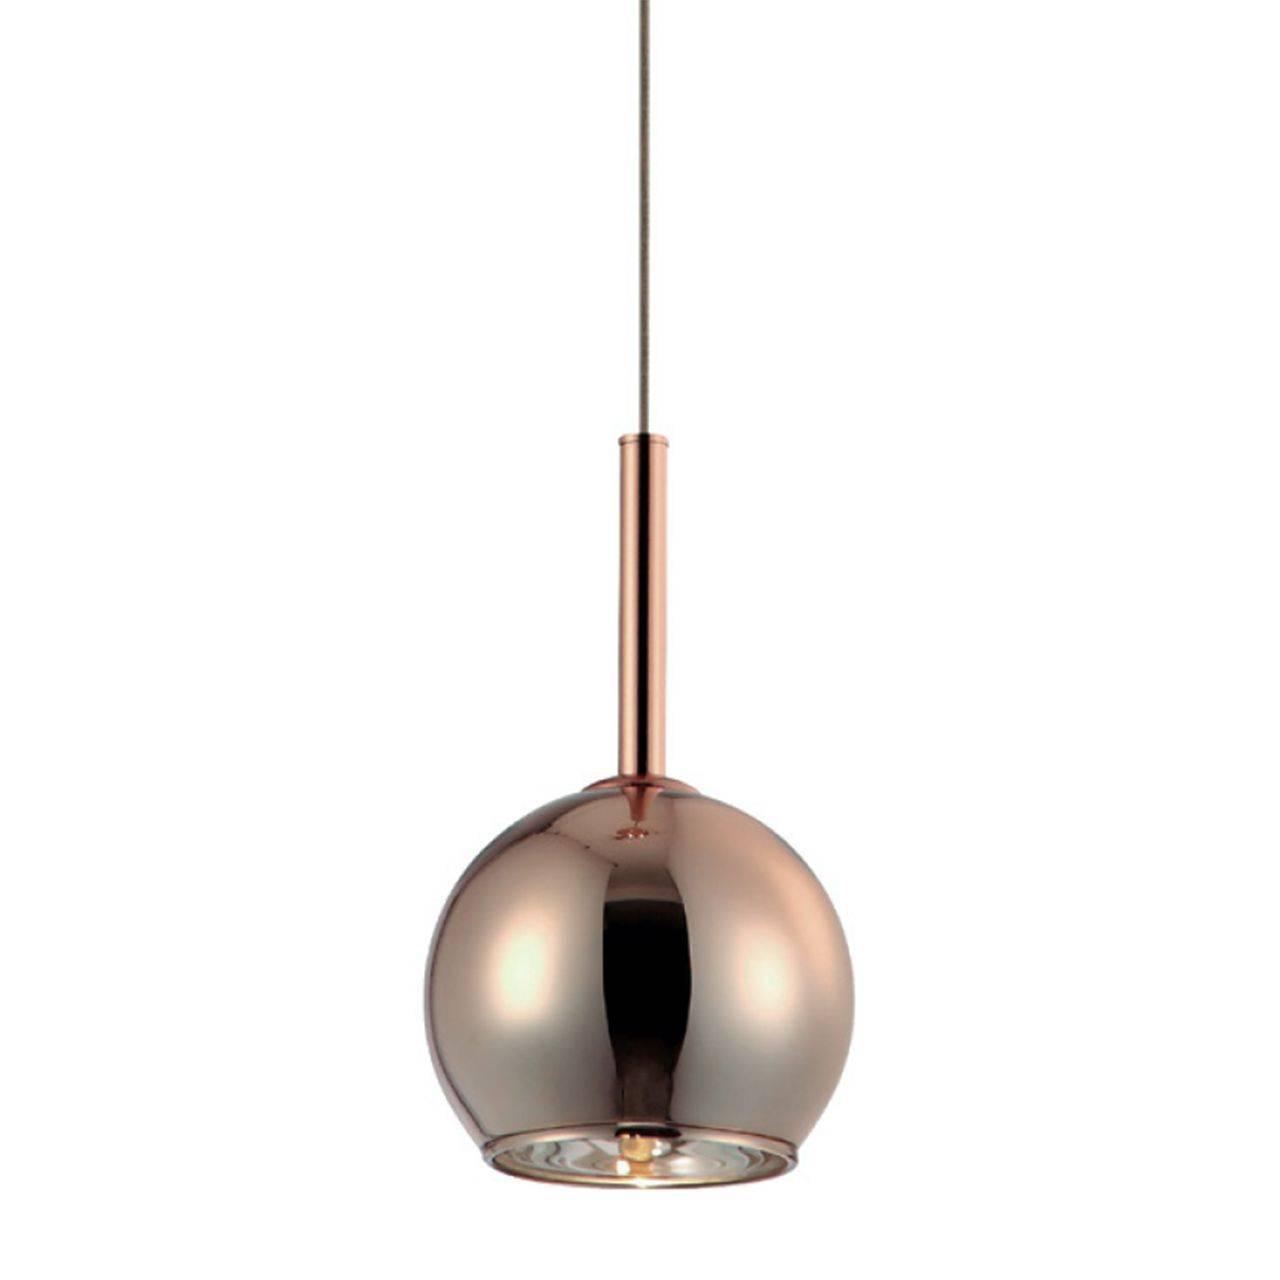 Подвесной светильник Mantra Crystal Bronze 4616 подвесной светильник mantra crystal bronze 4614